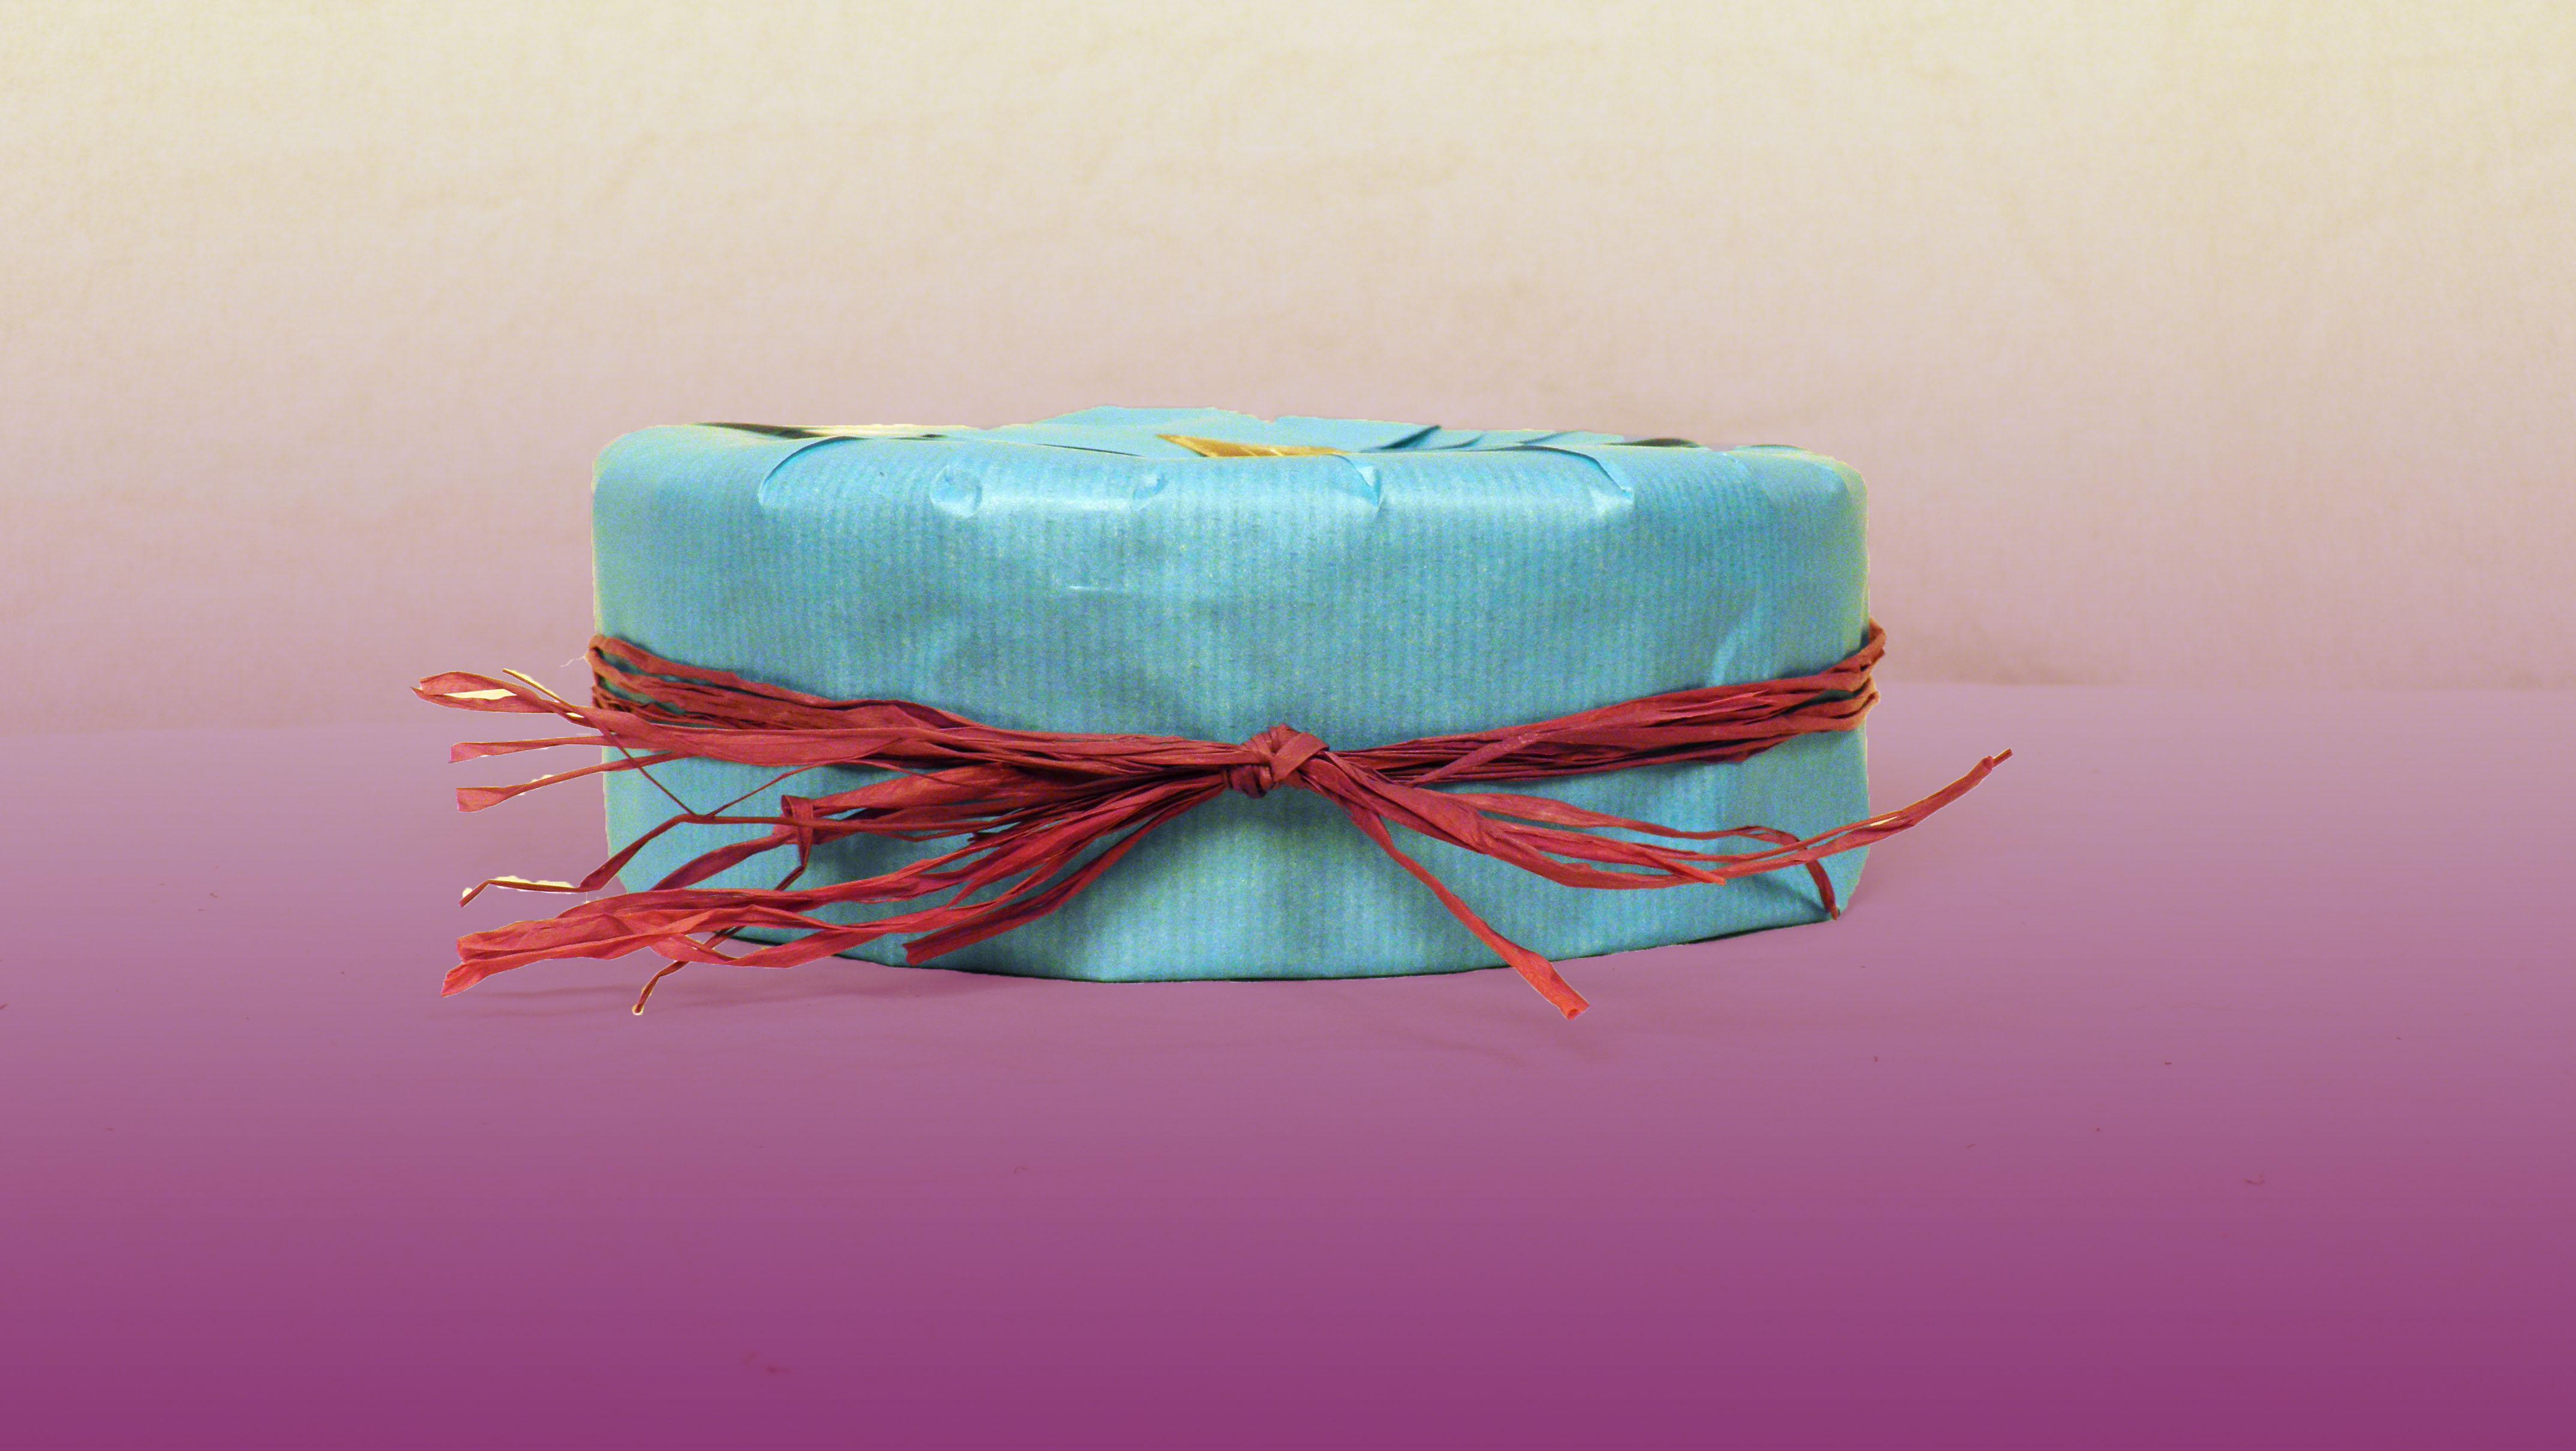 Comment faire un paquet cadeau pour une boite ronde - Comment emballer un cadeau rond ...